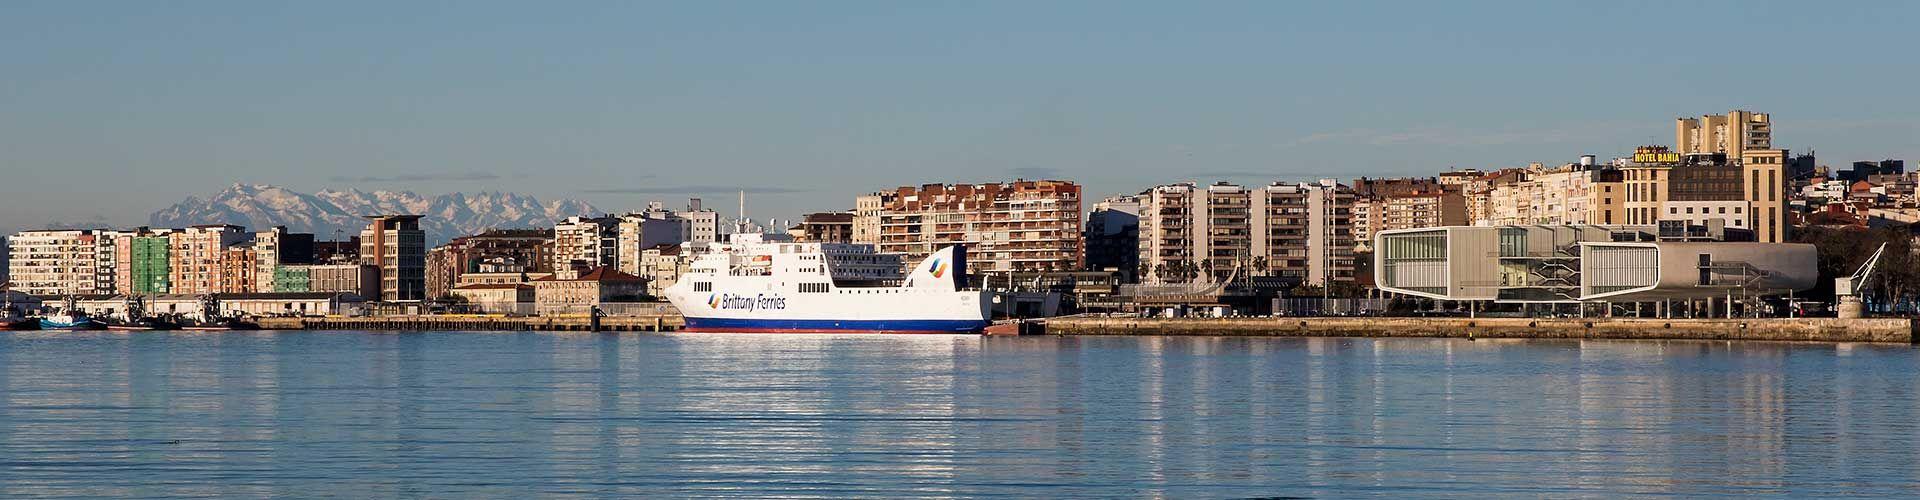 Ferry Atracado Santander